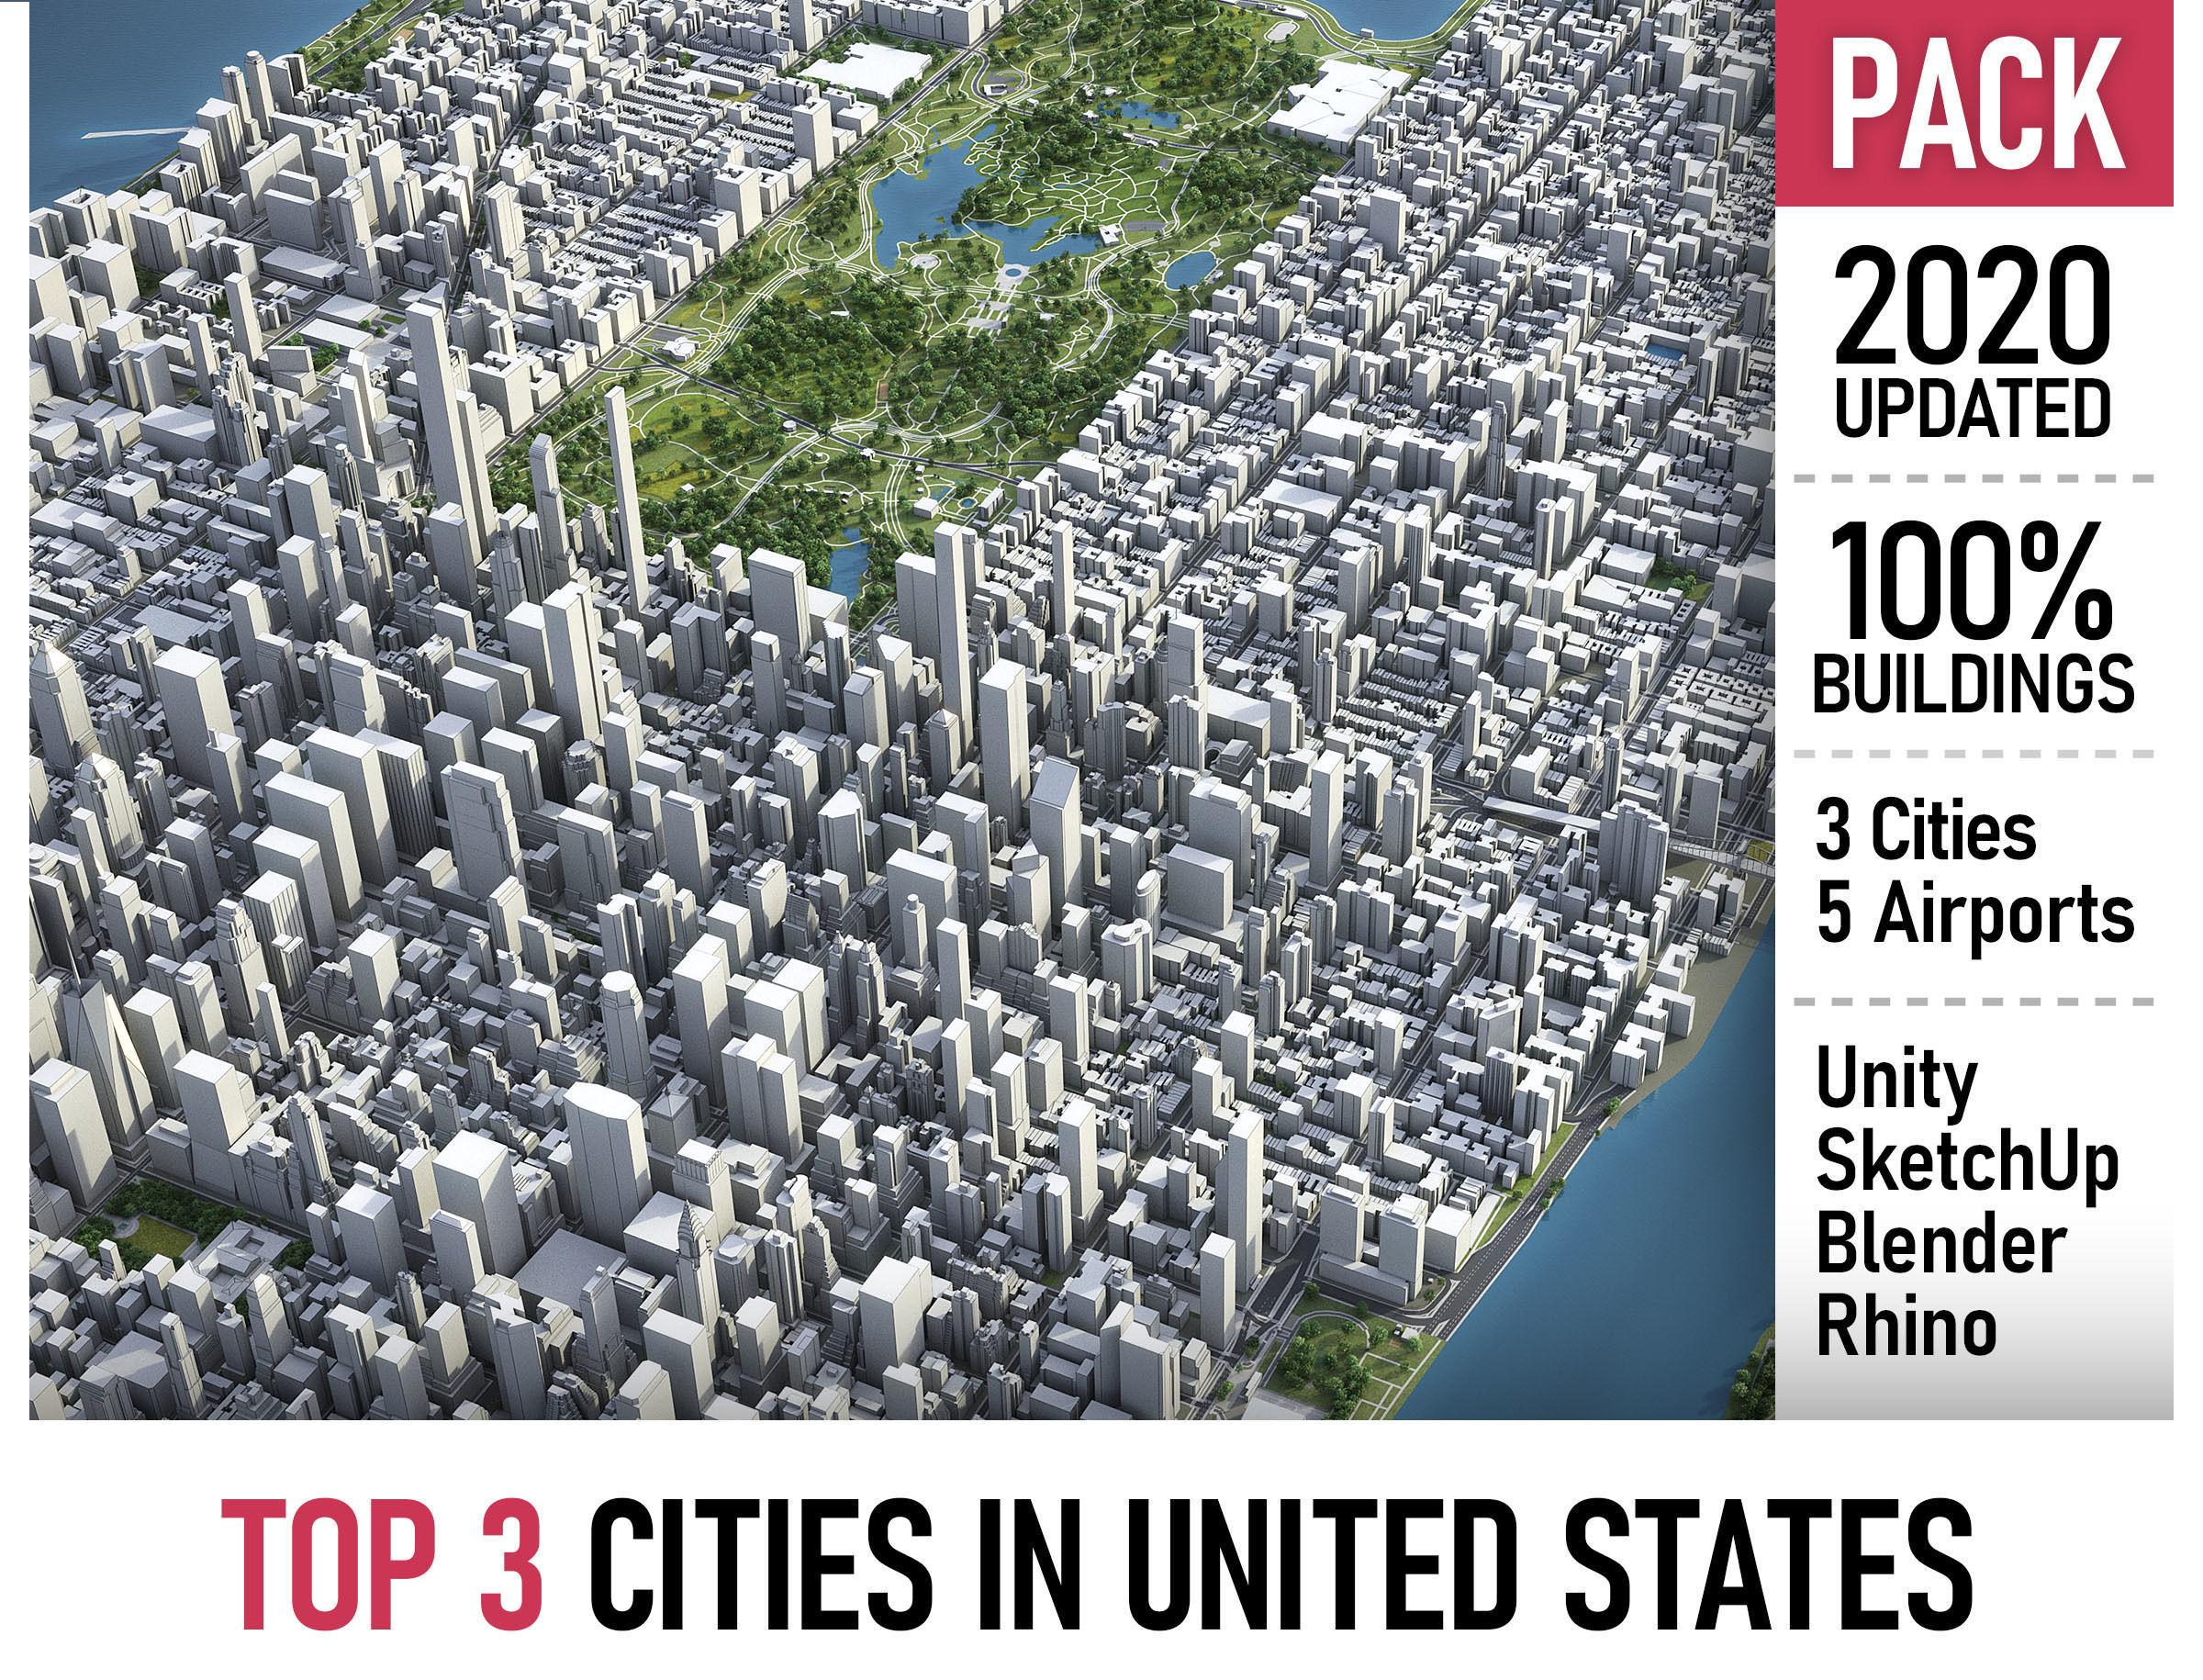 Top 3 US Cities